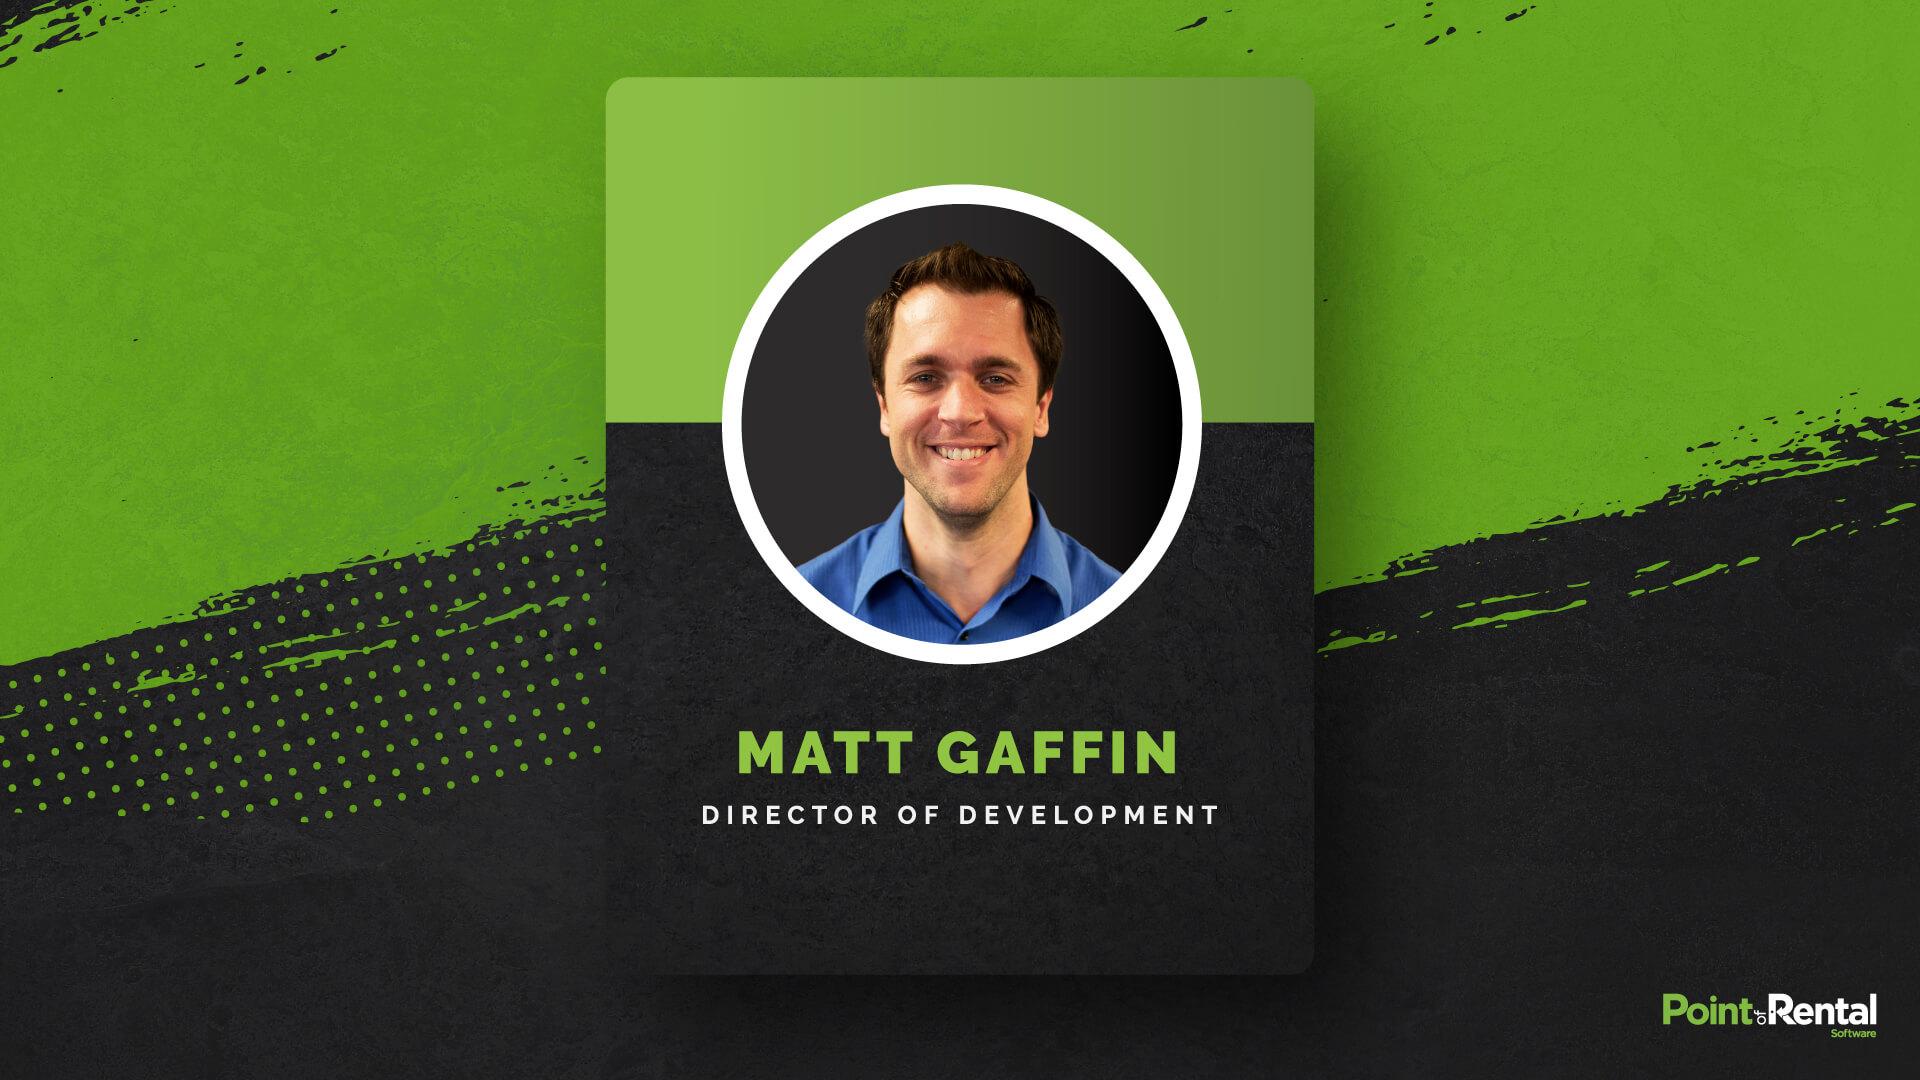 Matt Gaffin named director of development headshot